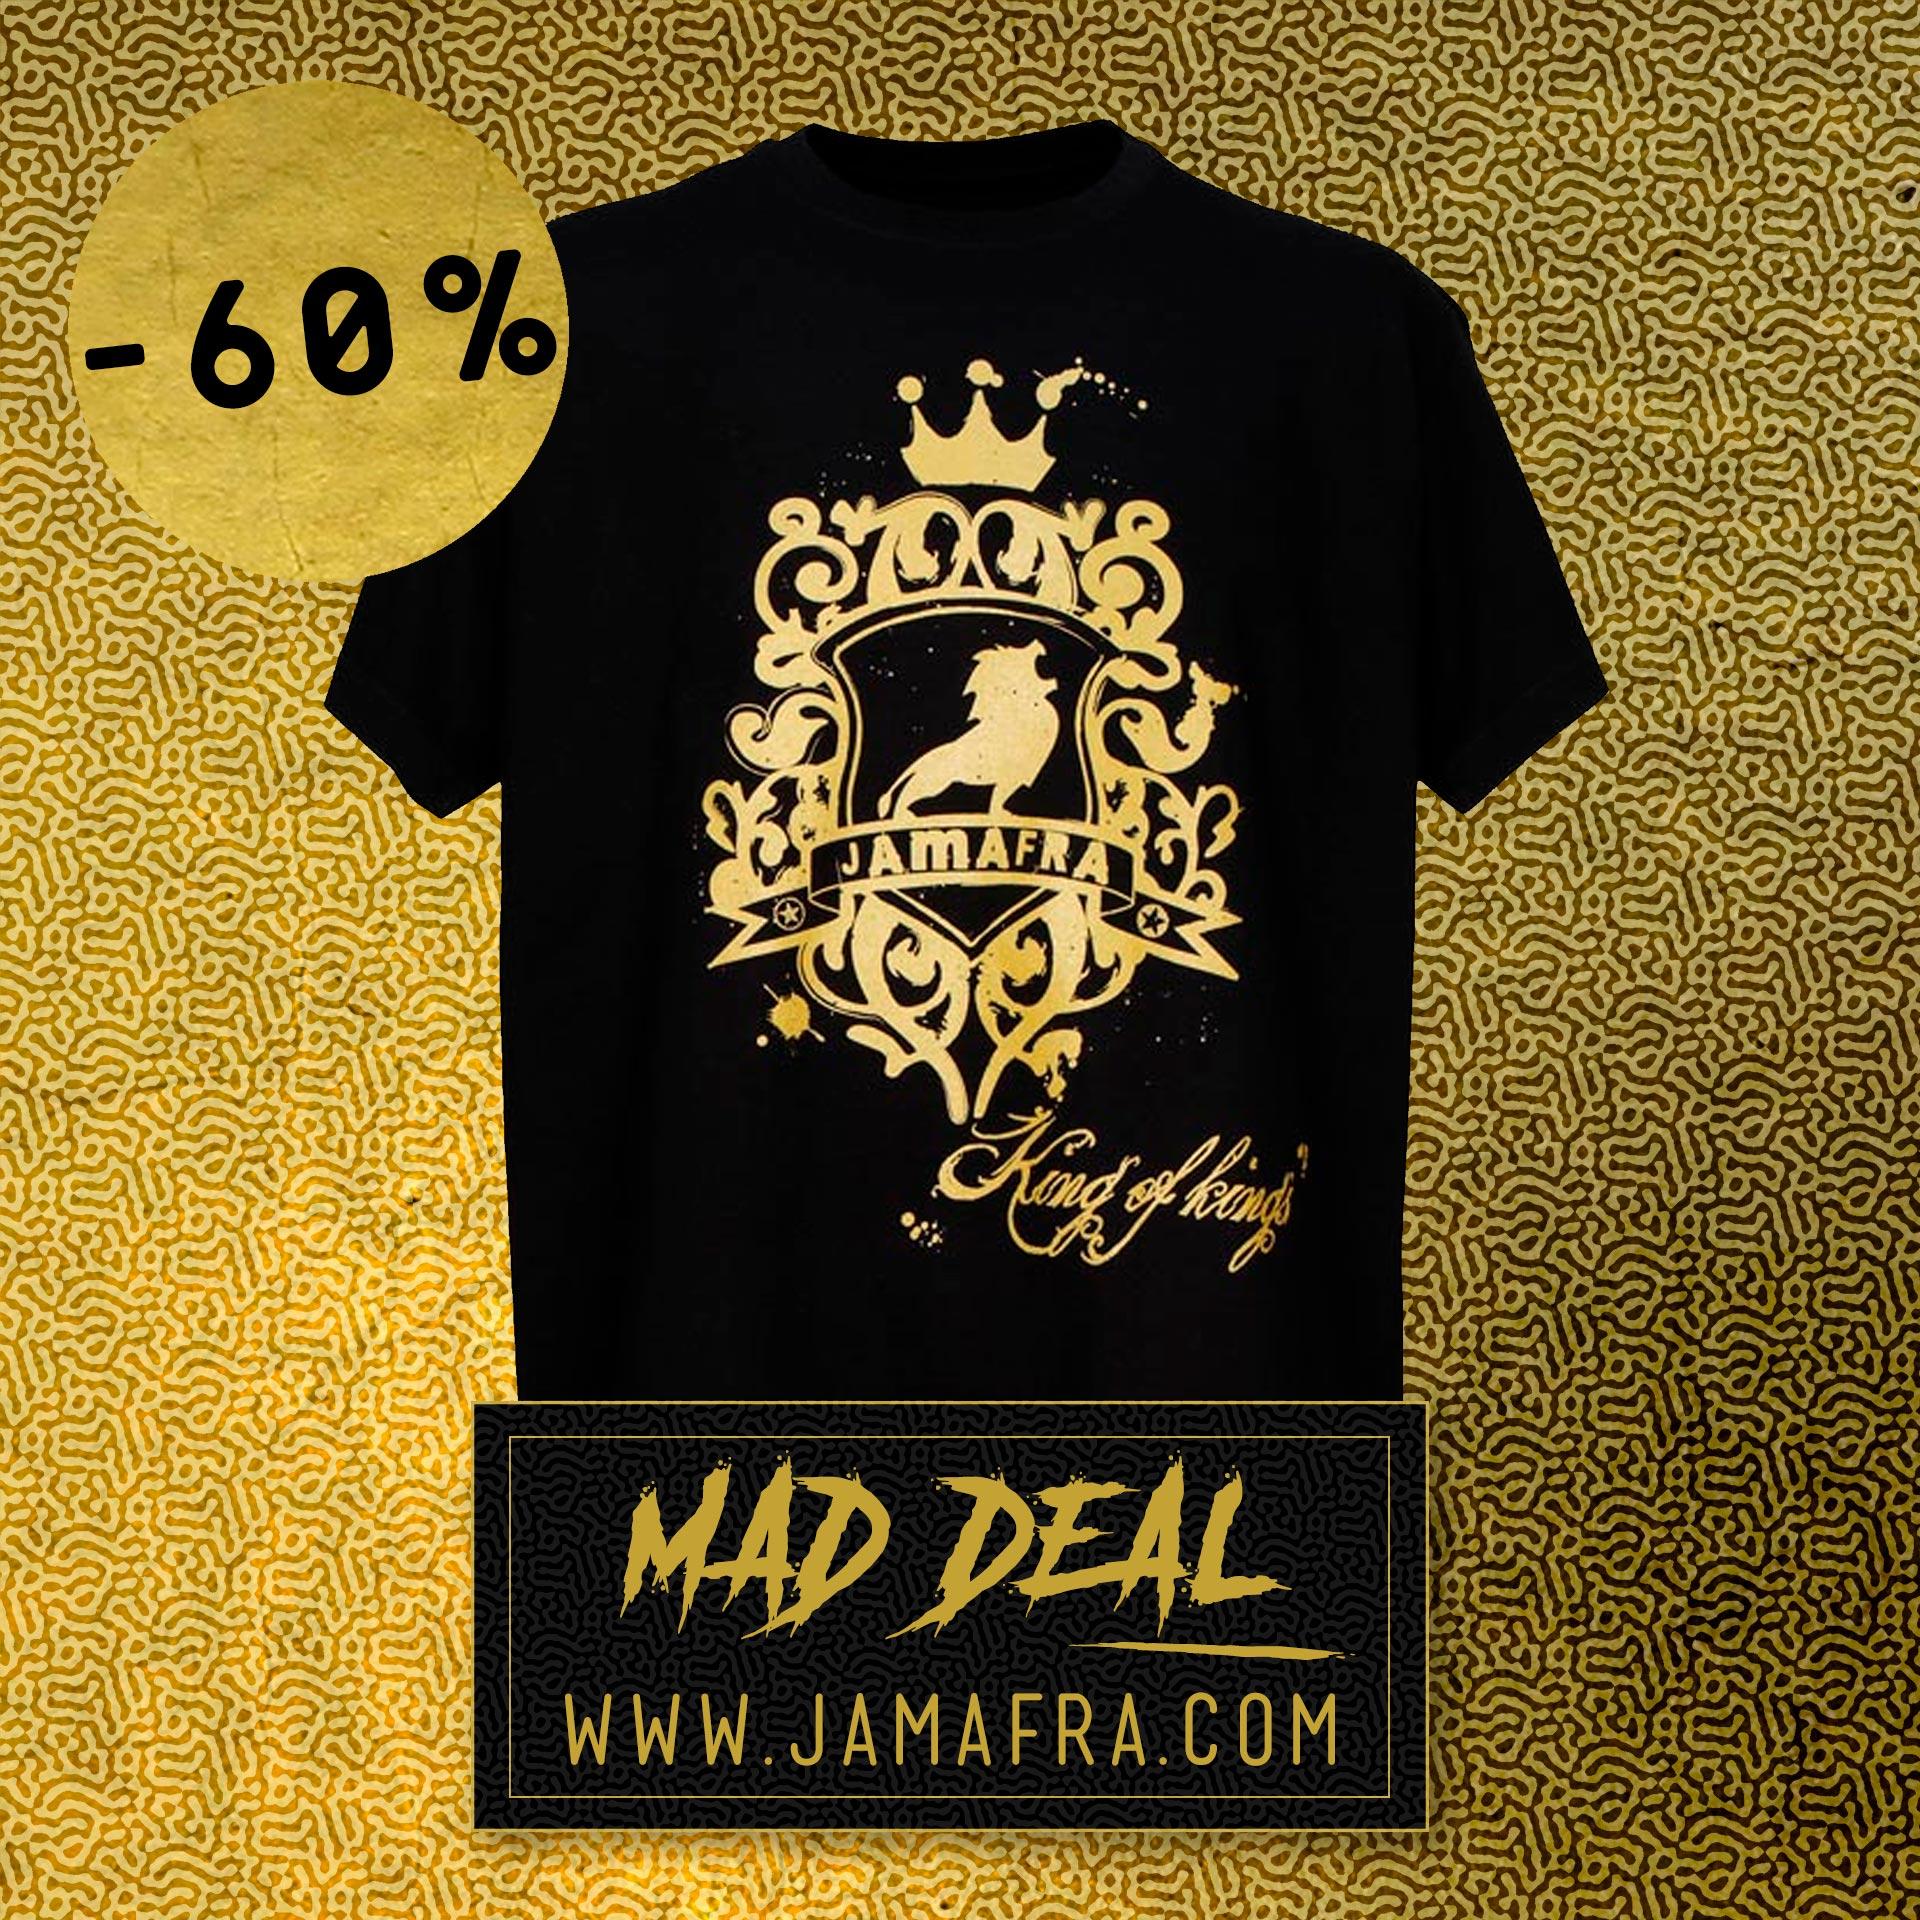 Mad Deal n°3 Jamafra